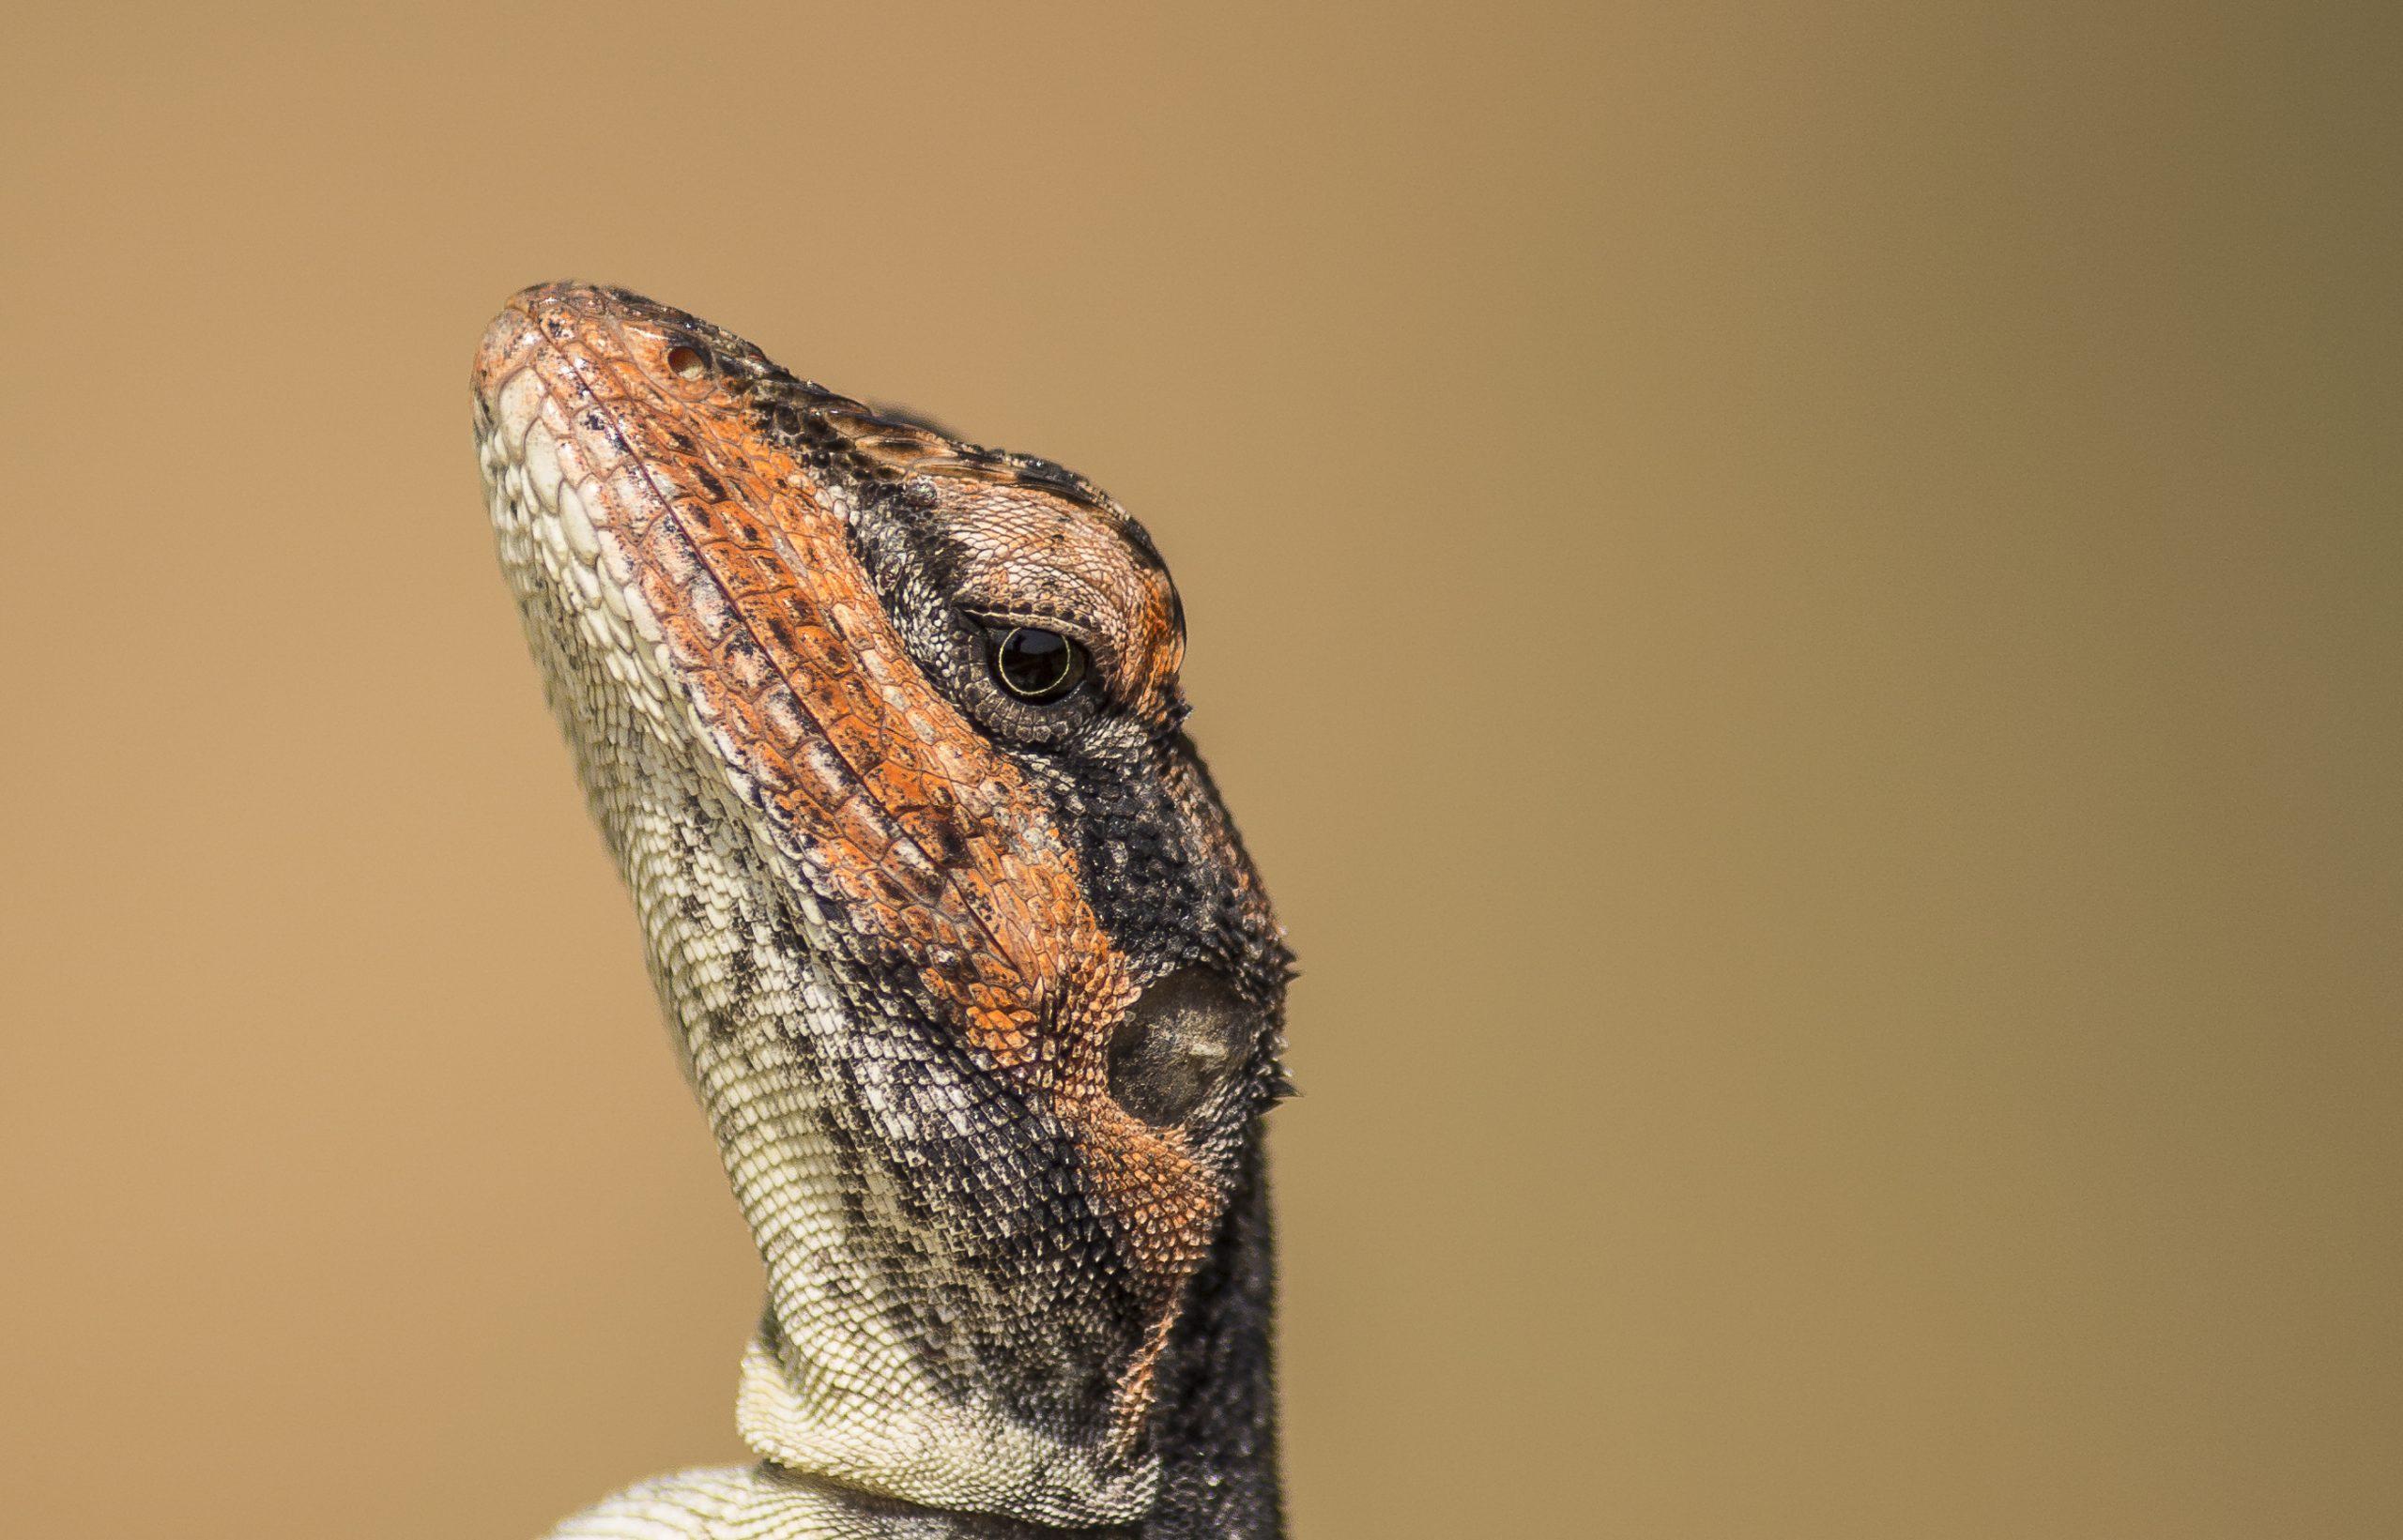 Macro shot of Garden lizard